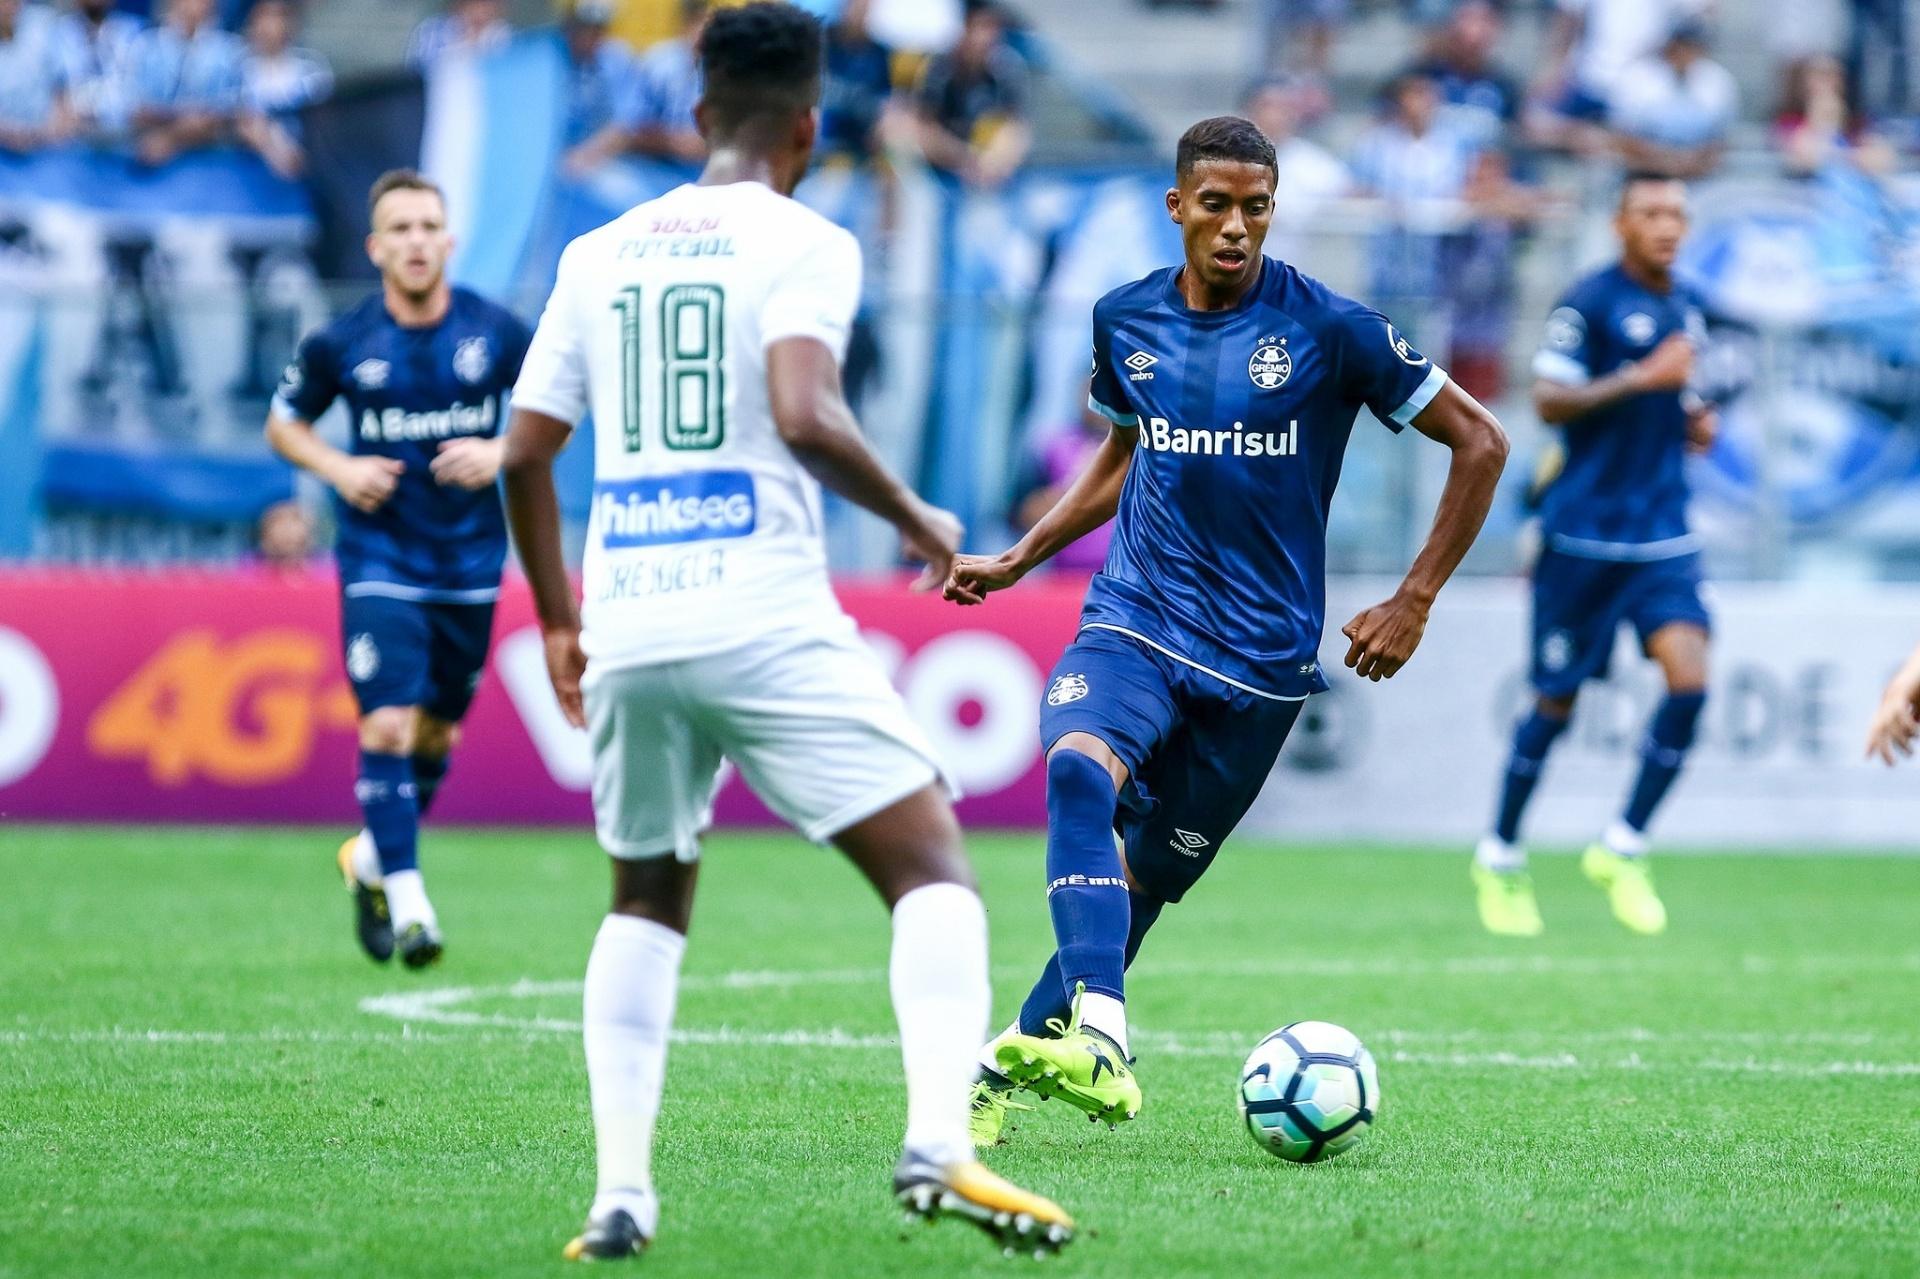 Grêmio promove Jean Pyerre e aumenta opções no meio-campo - 24 07 2018 -  UOL Esporte c68b2ea38be29